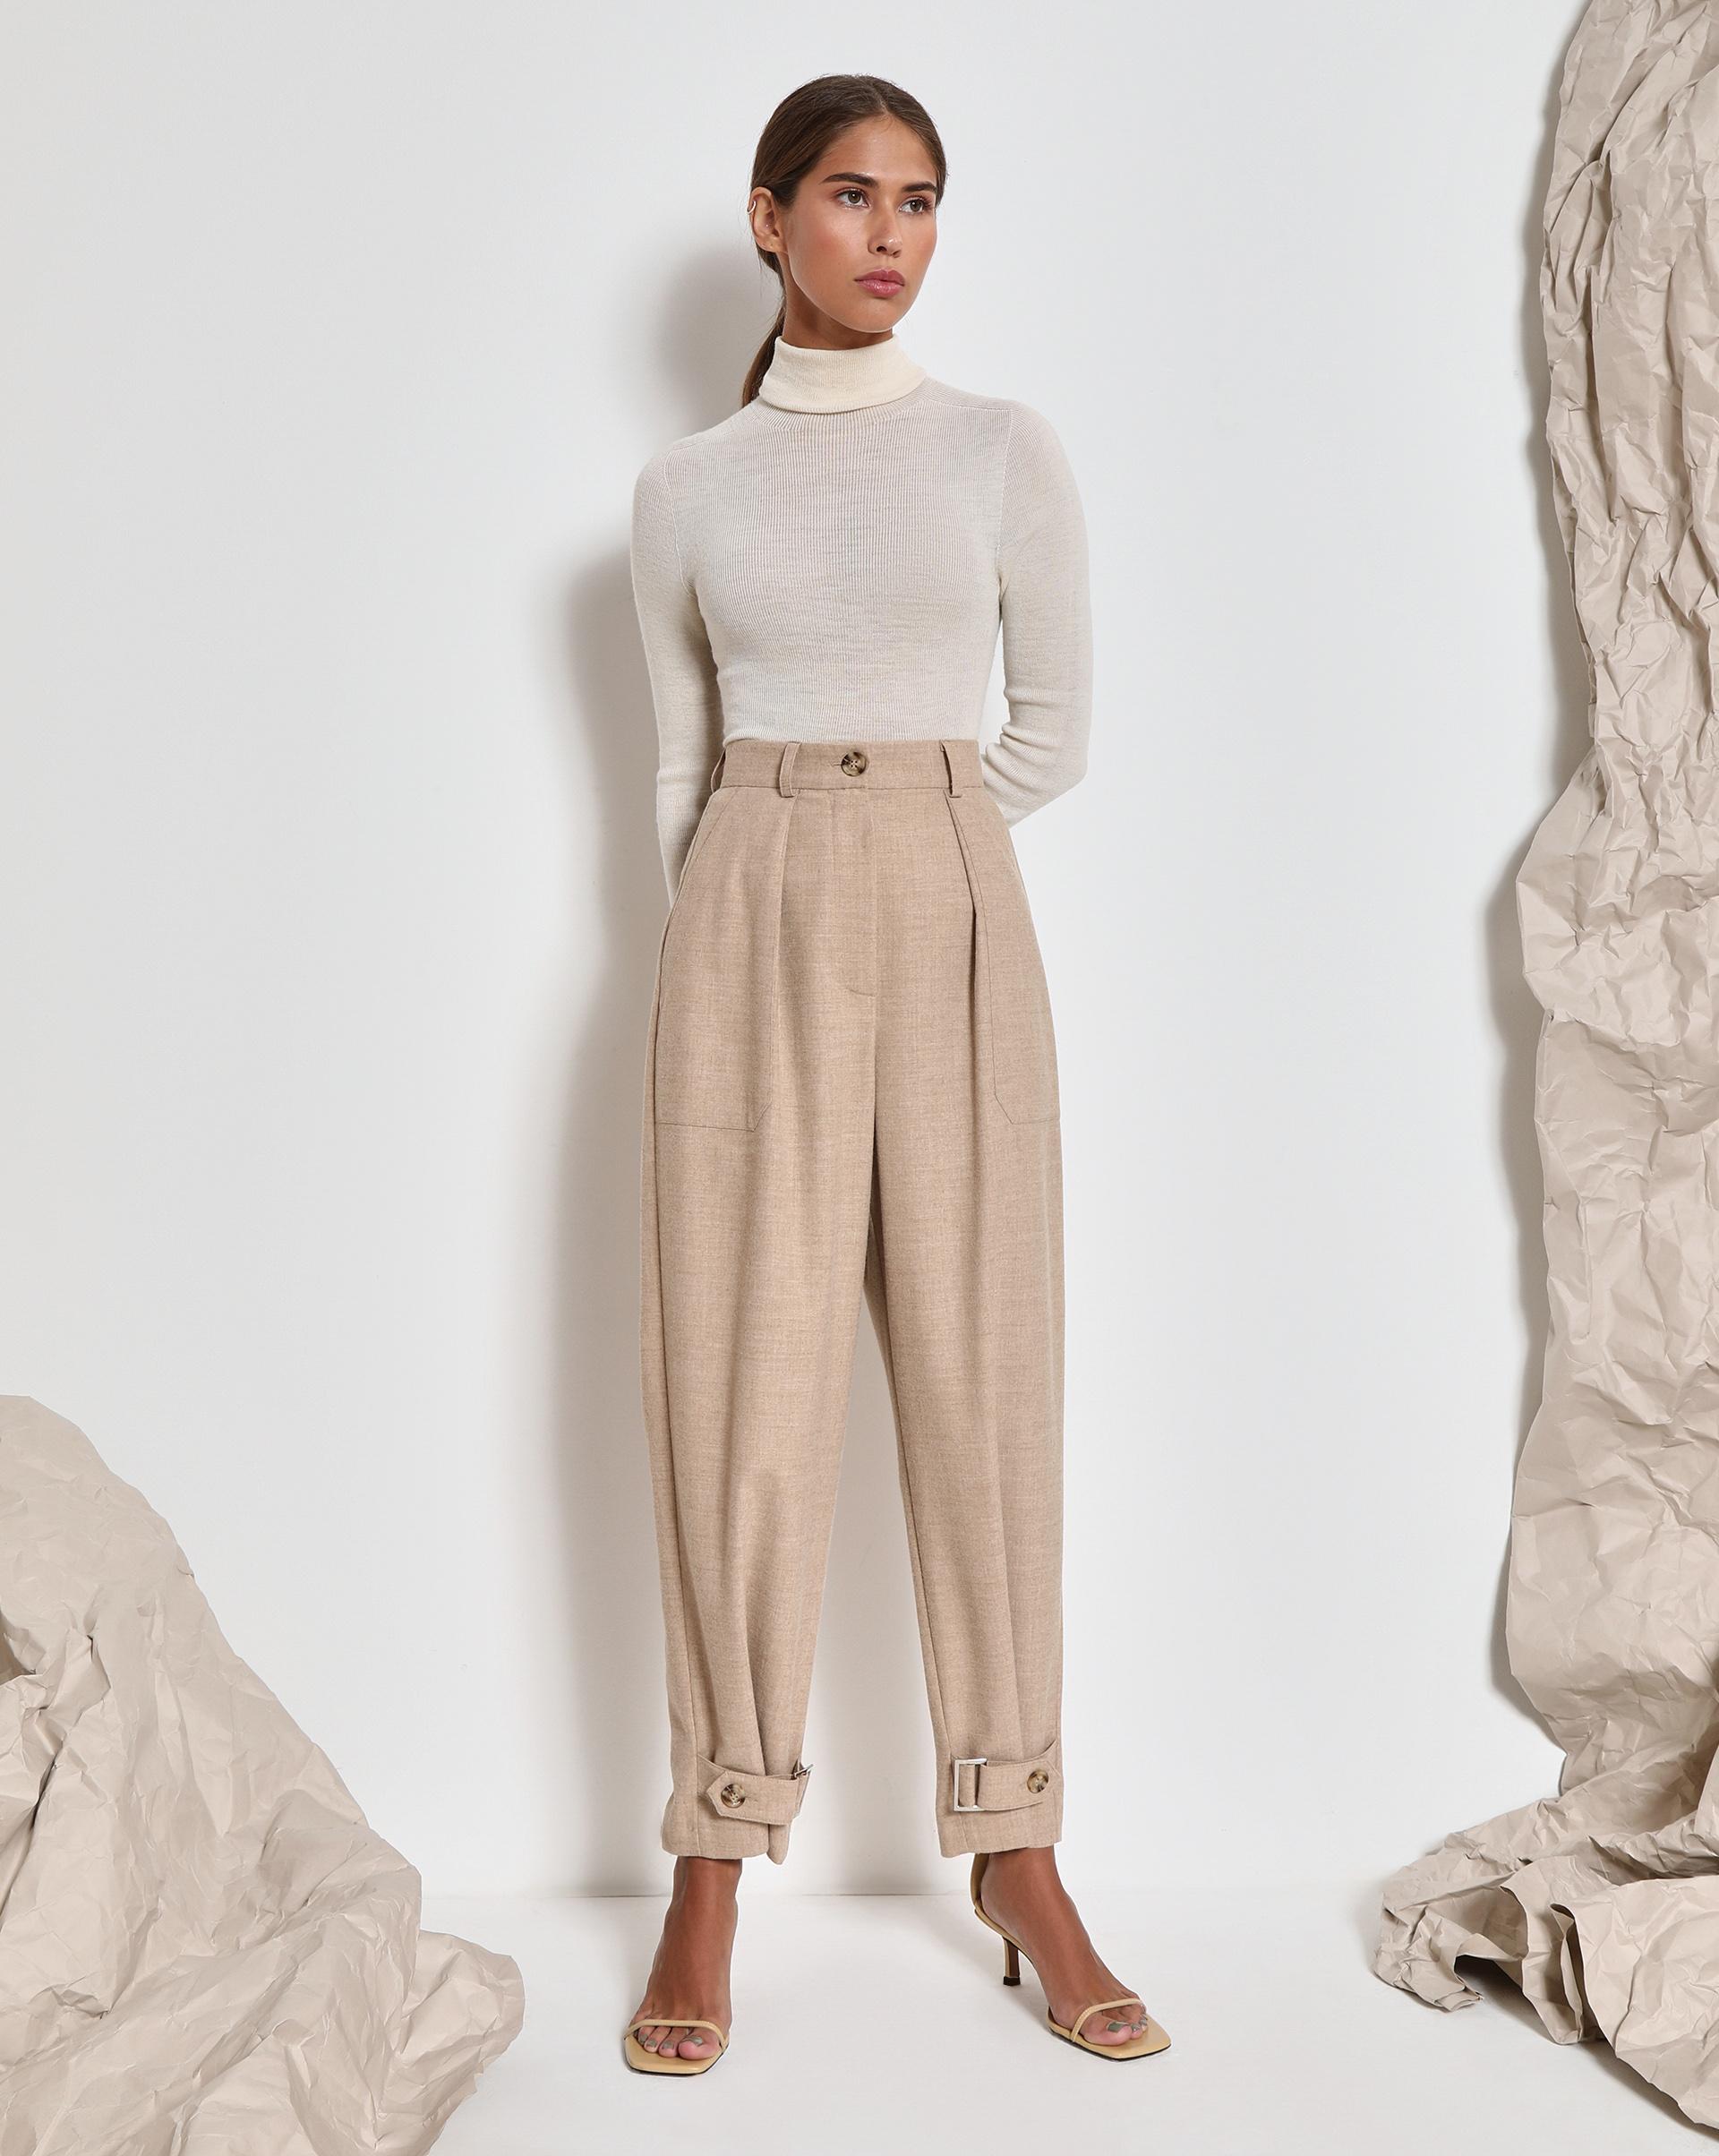 Фото - 12⠀STOREEZ Брюки с регулировками по низу (Светло-бежевый меланж) брюки в городском стиле из ткани стретч с удлиняющими вырезами